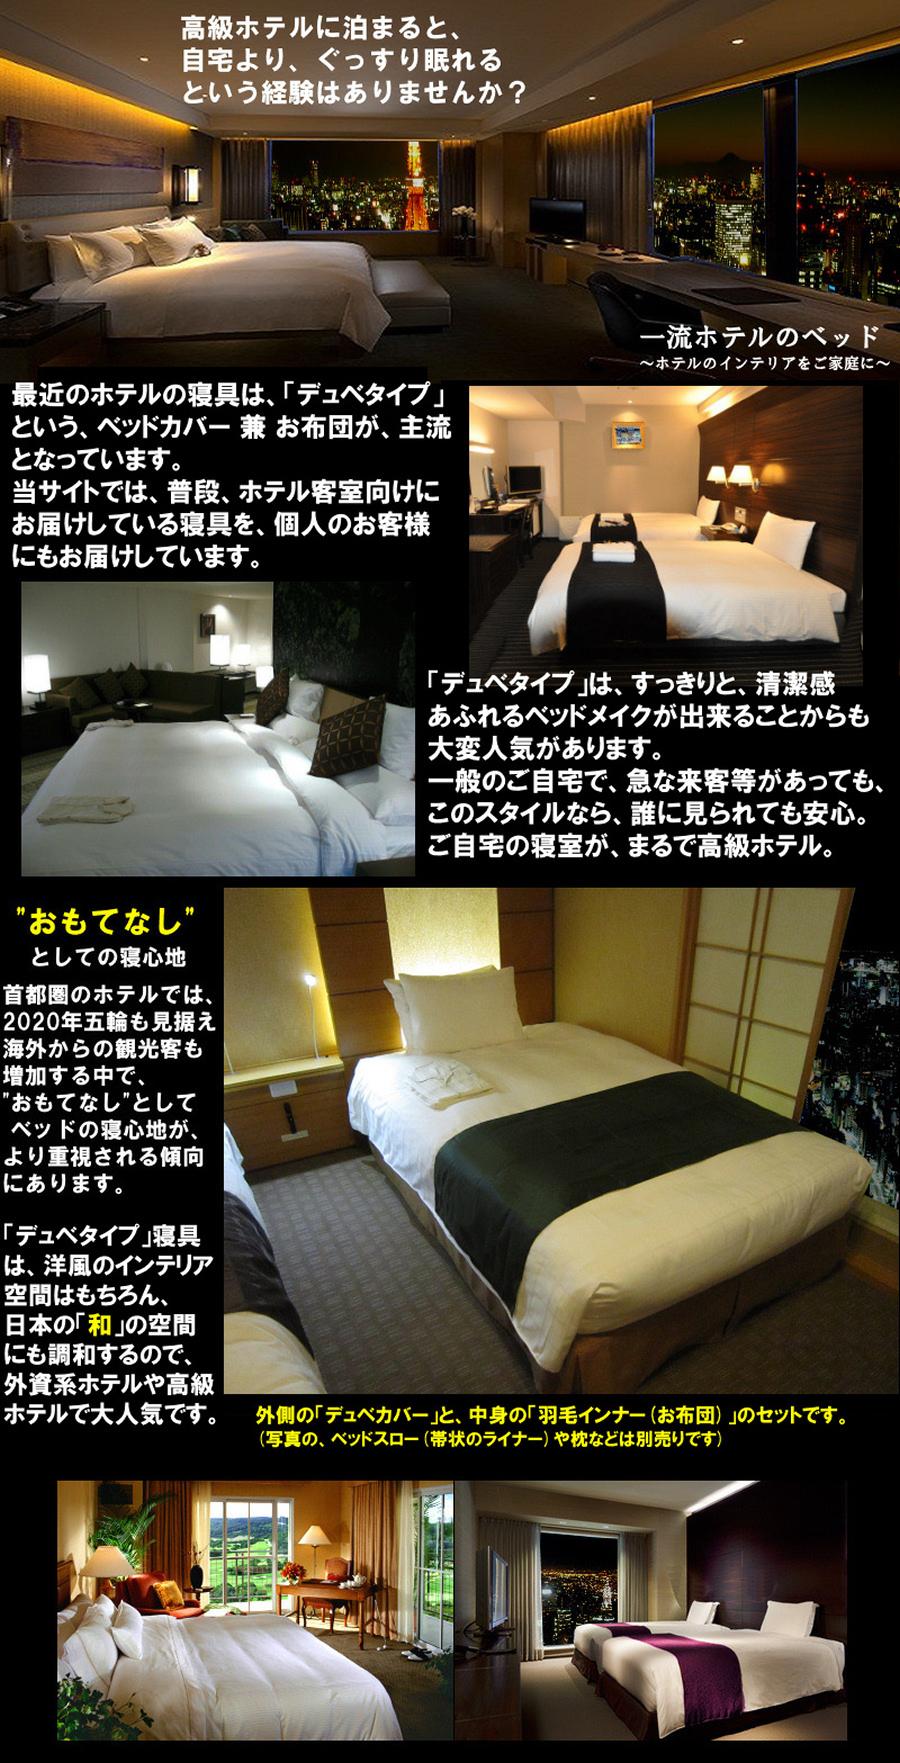 ホテルのベッドをご家庭に